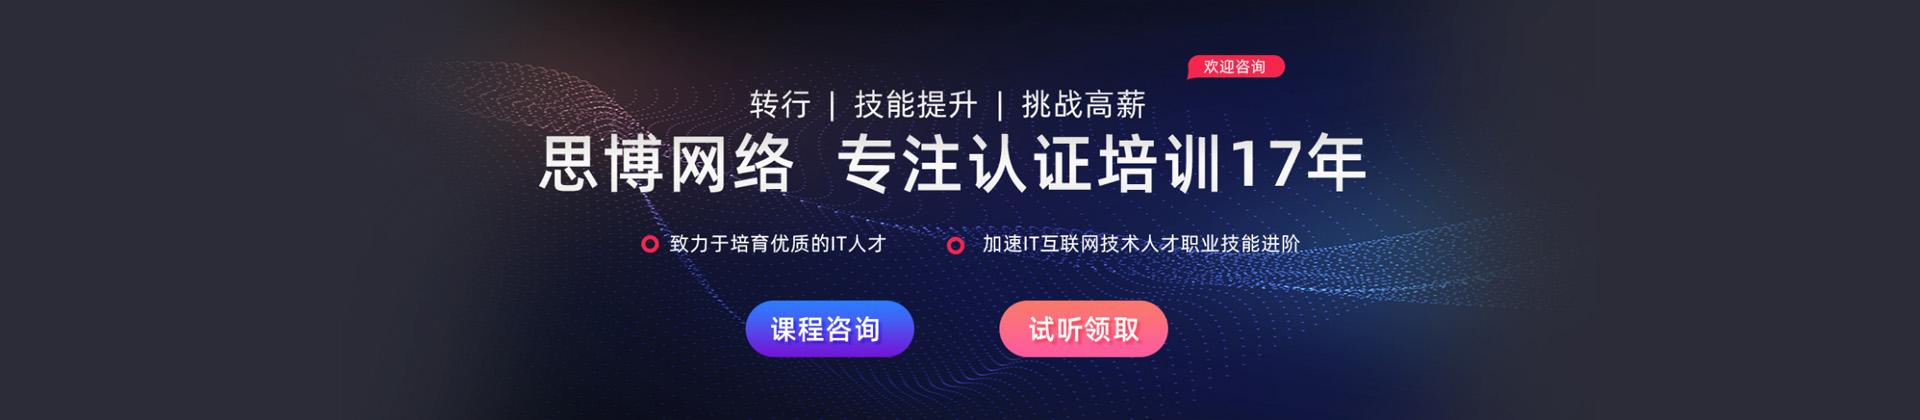 北京思博網絡